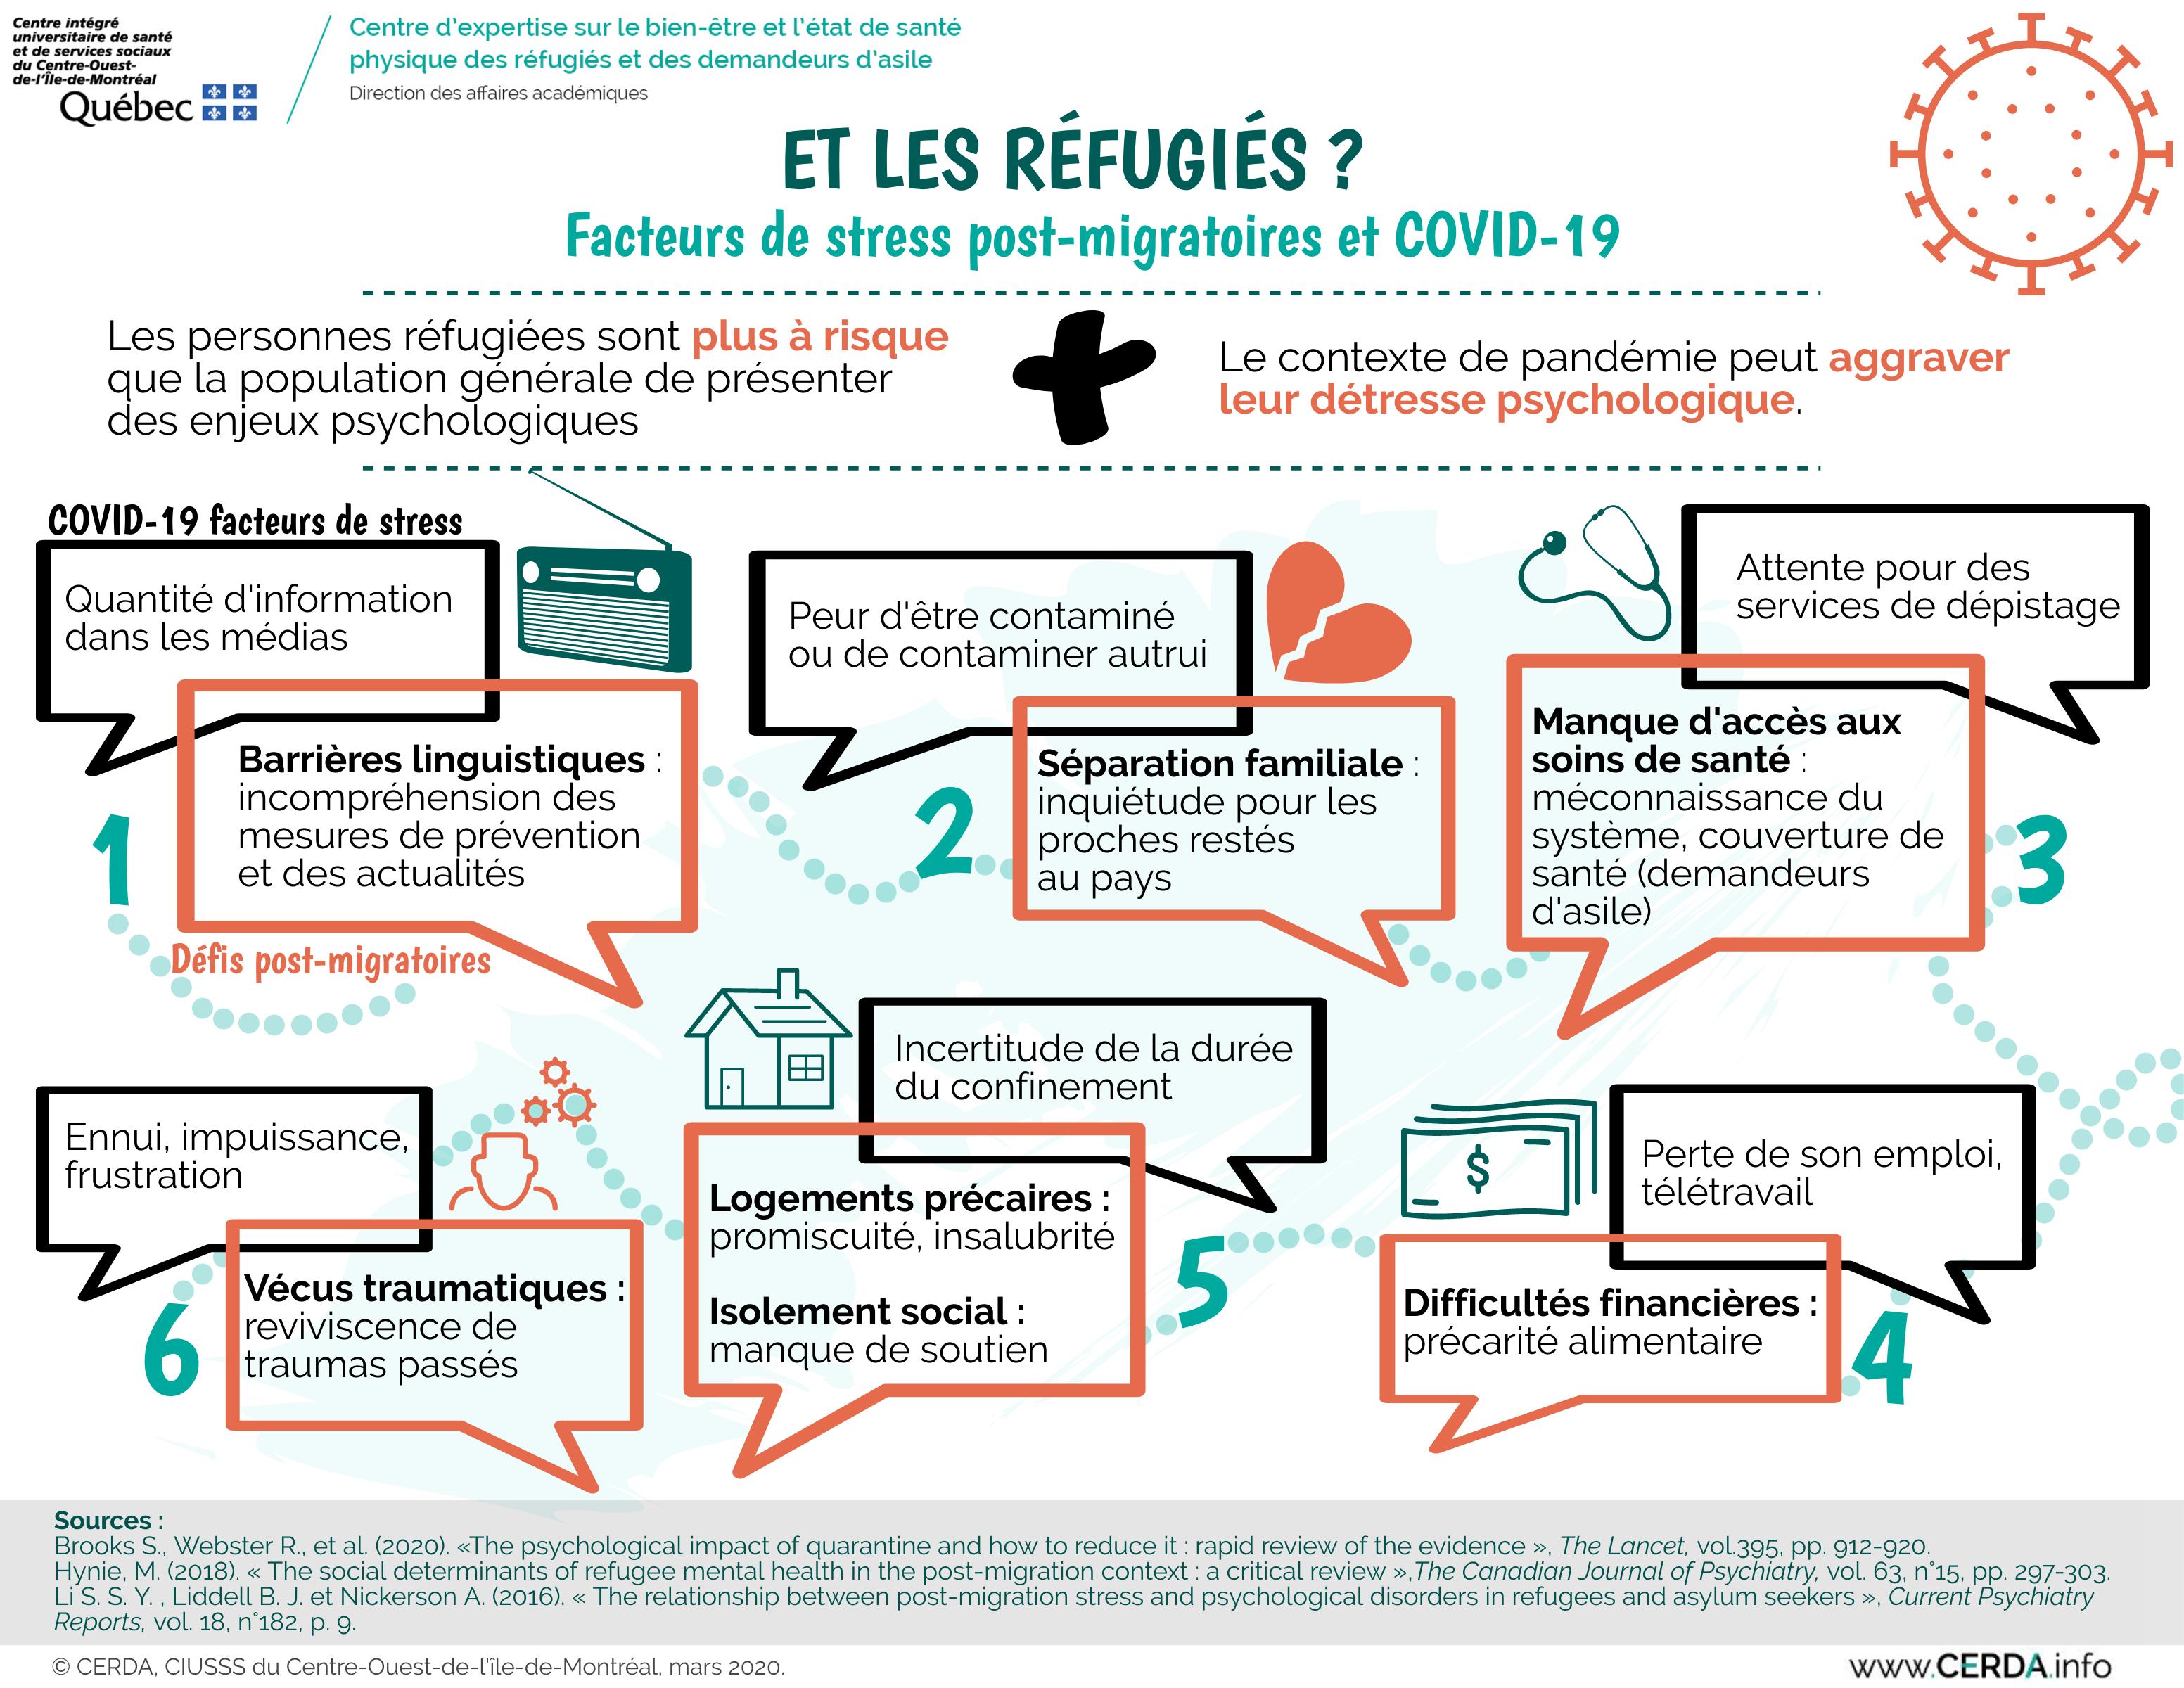 Infographie - Et les réfugiés ? Facteurs de stress post-migratoires et maladie à coronavirus (COVID-19)